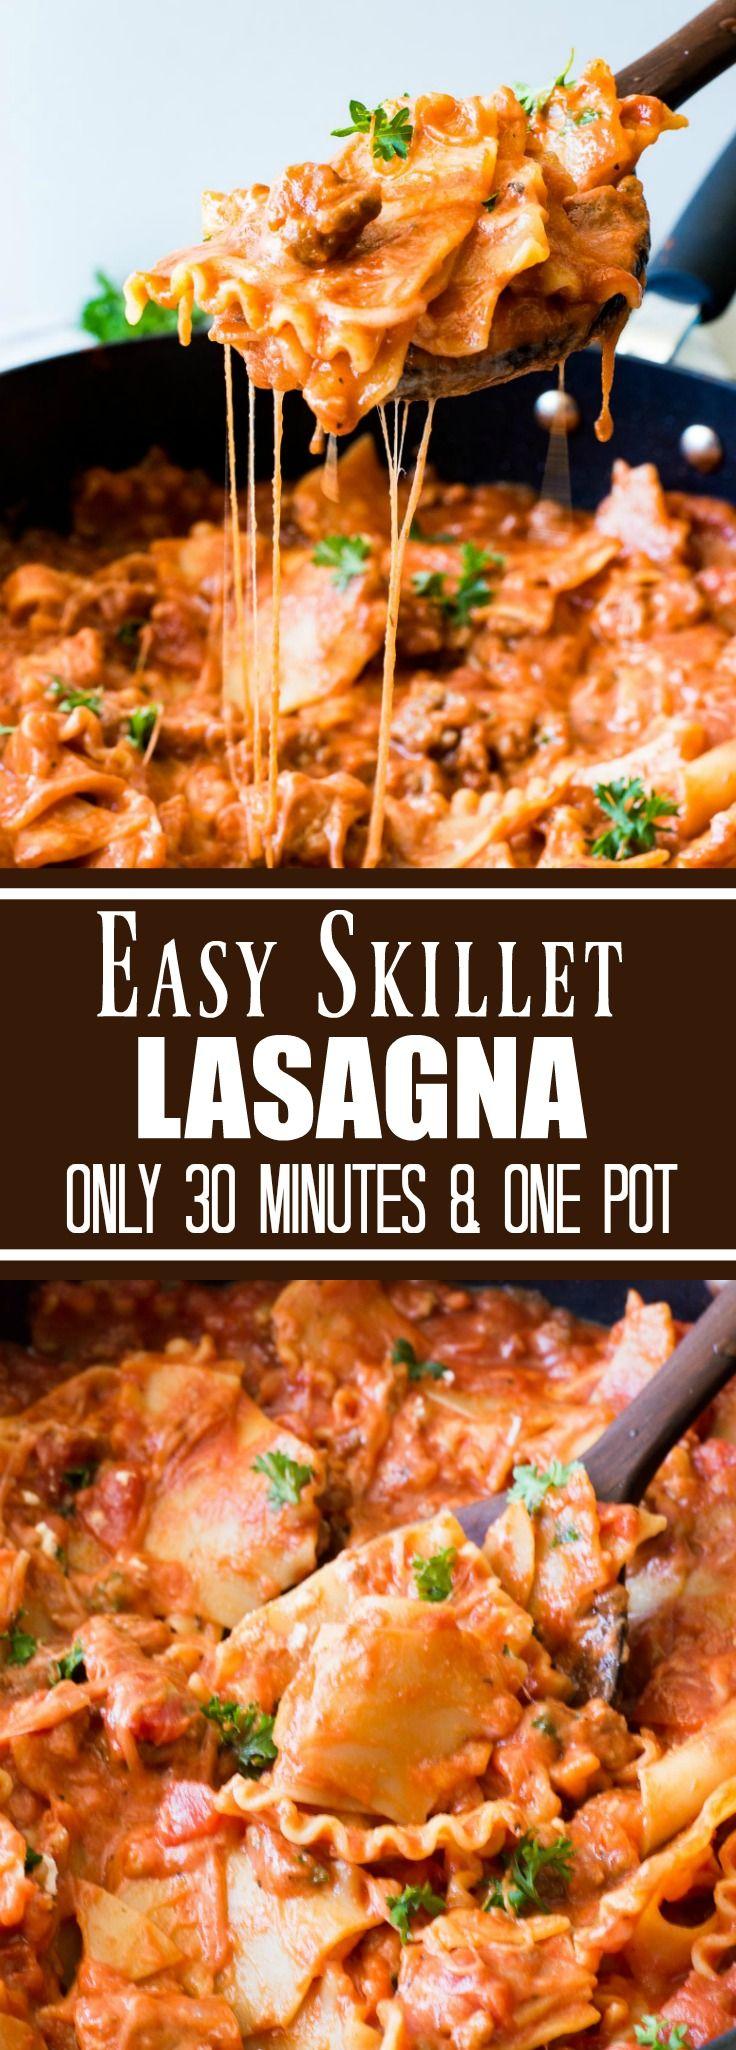 Easy skillet lasagna recipe girl dinocrofo turkey lasagna recipe ina garten food network forumfinder Image collections